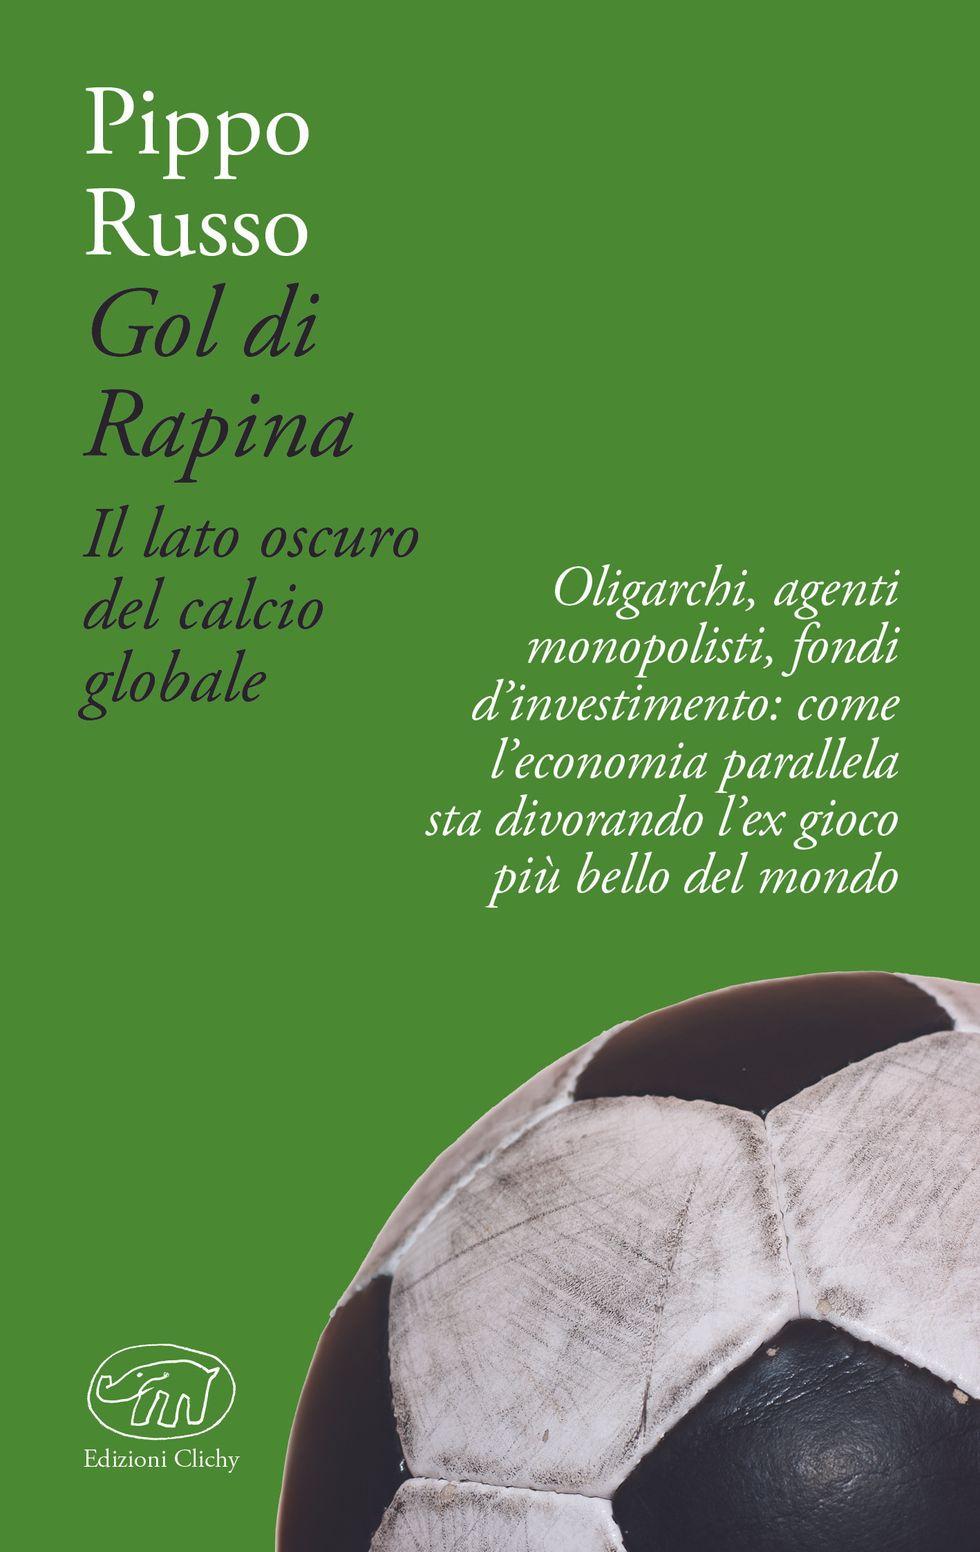 Il calcio globale nel libro di Pippo Russo